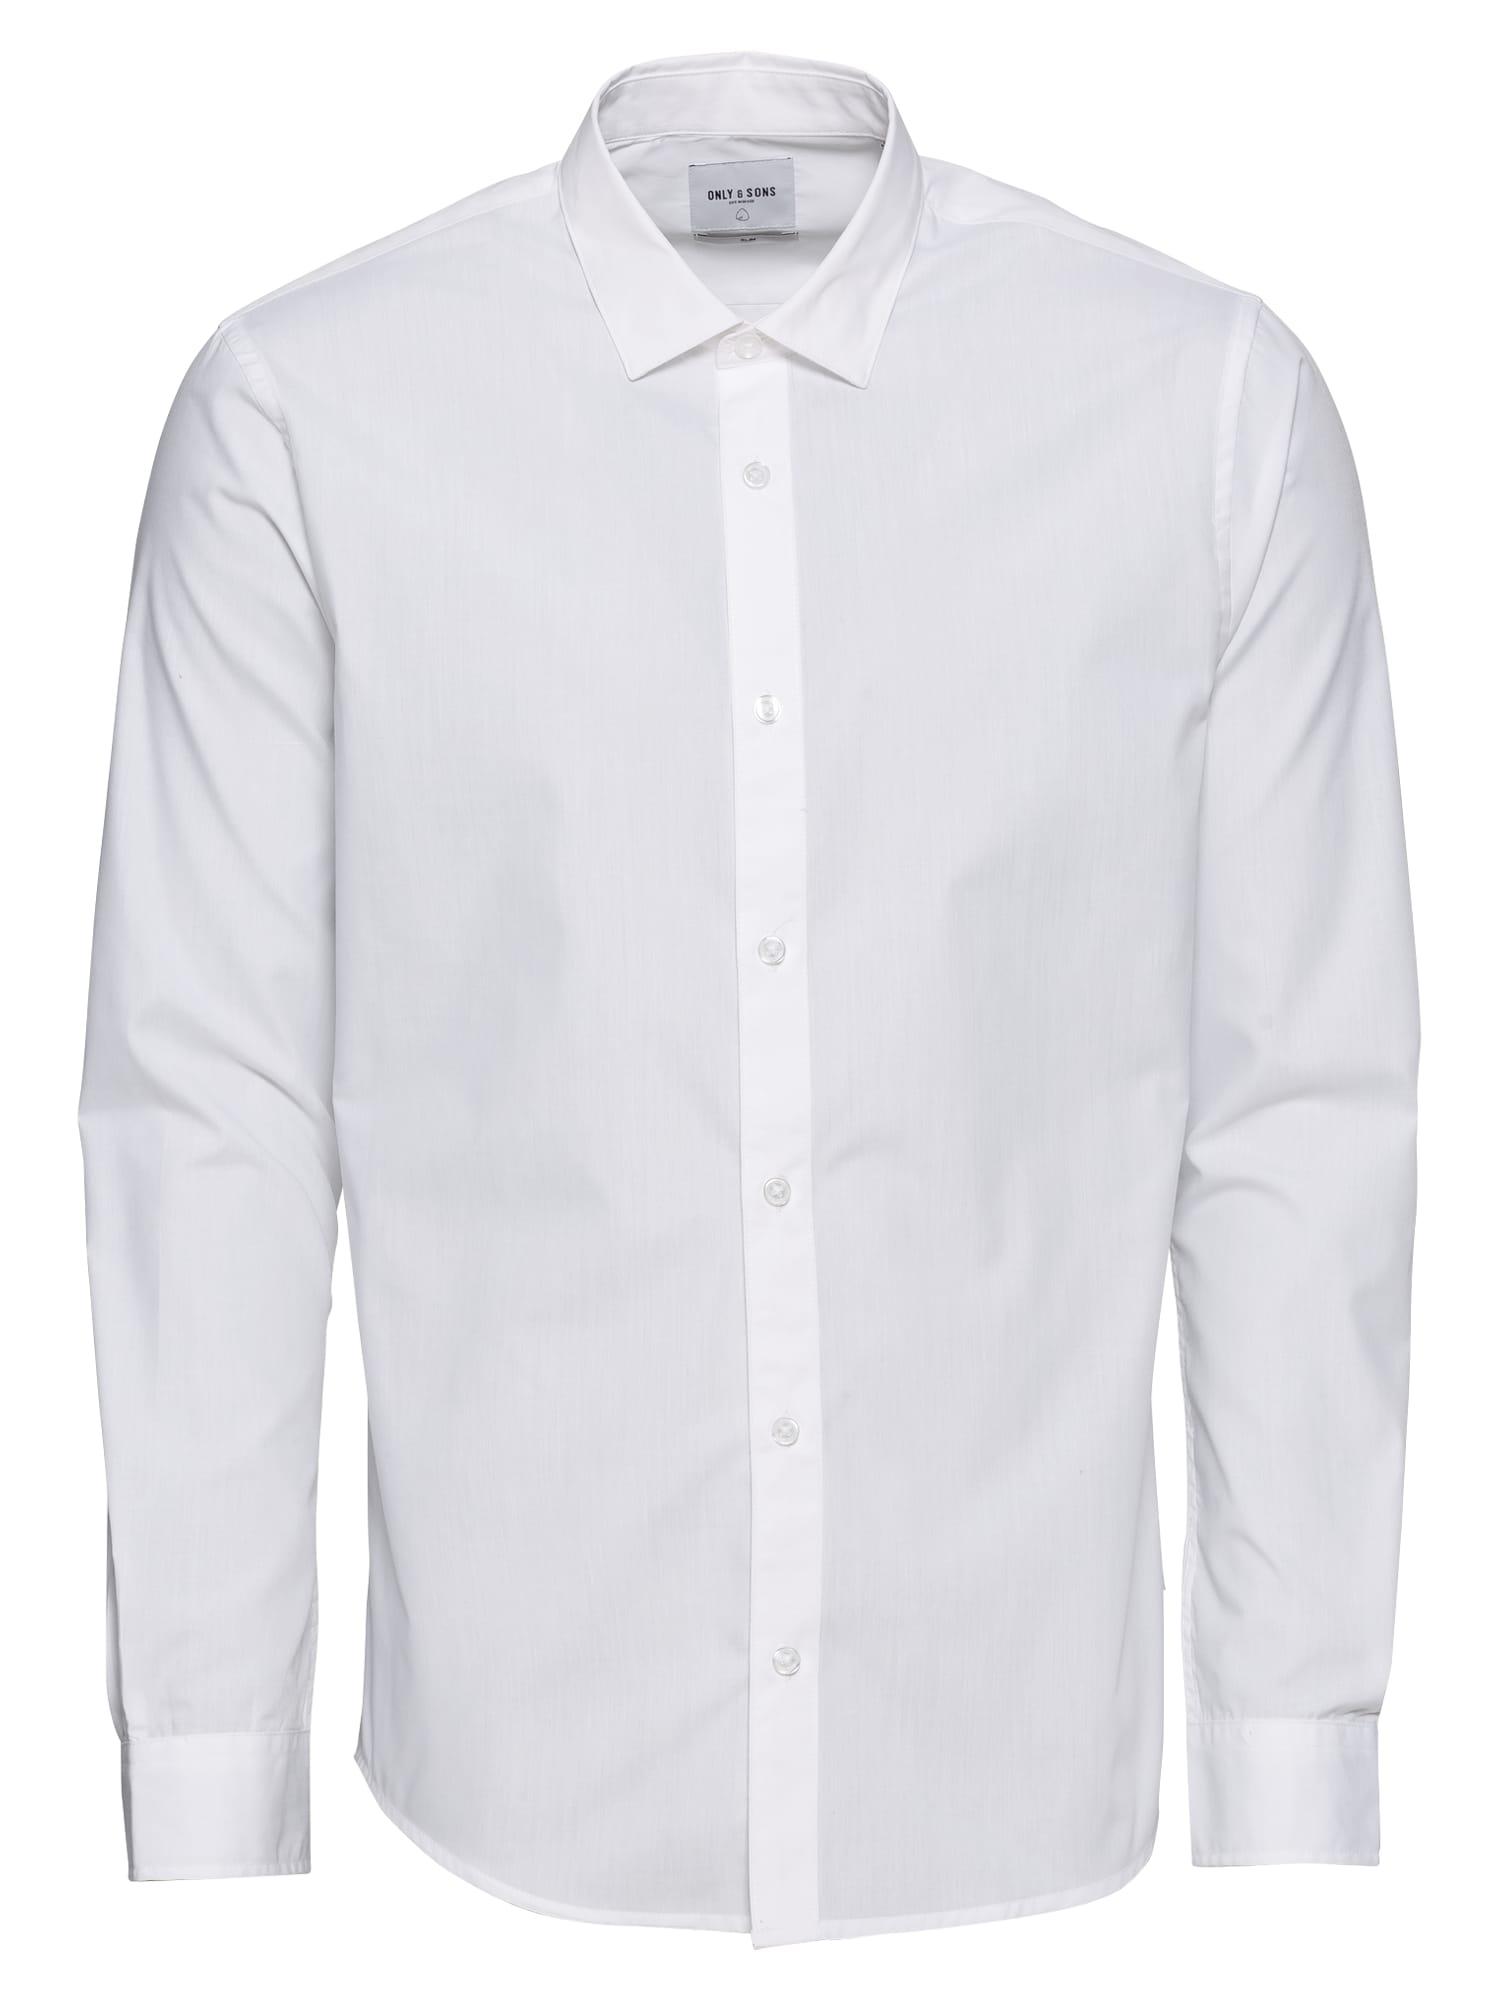 Společenská košile onsWF CANNES SOLID LS SHIRT bílá Only & Sons